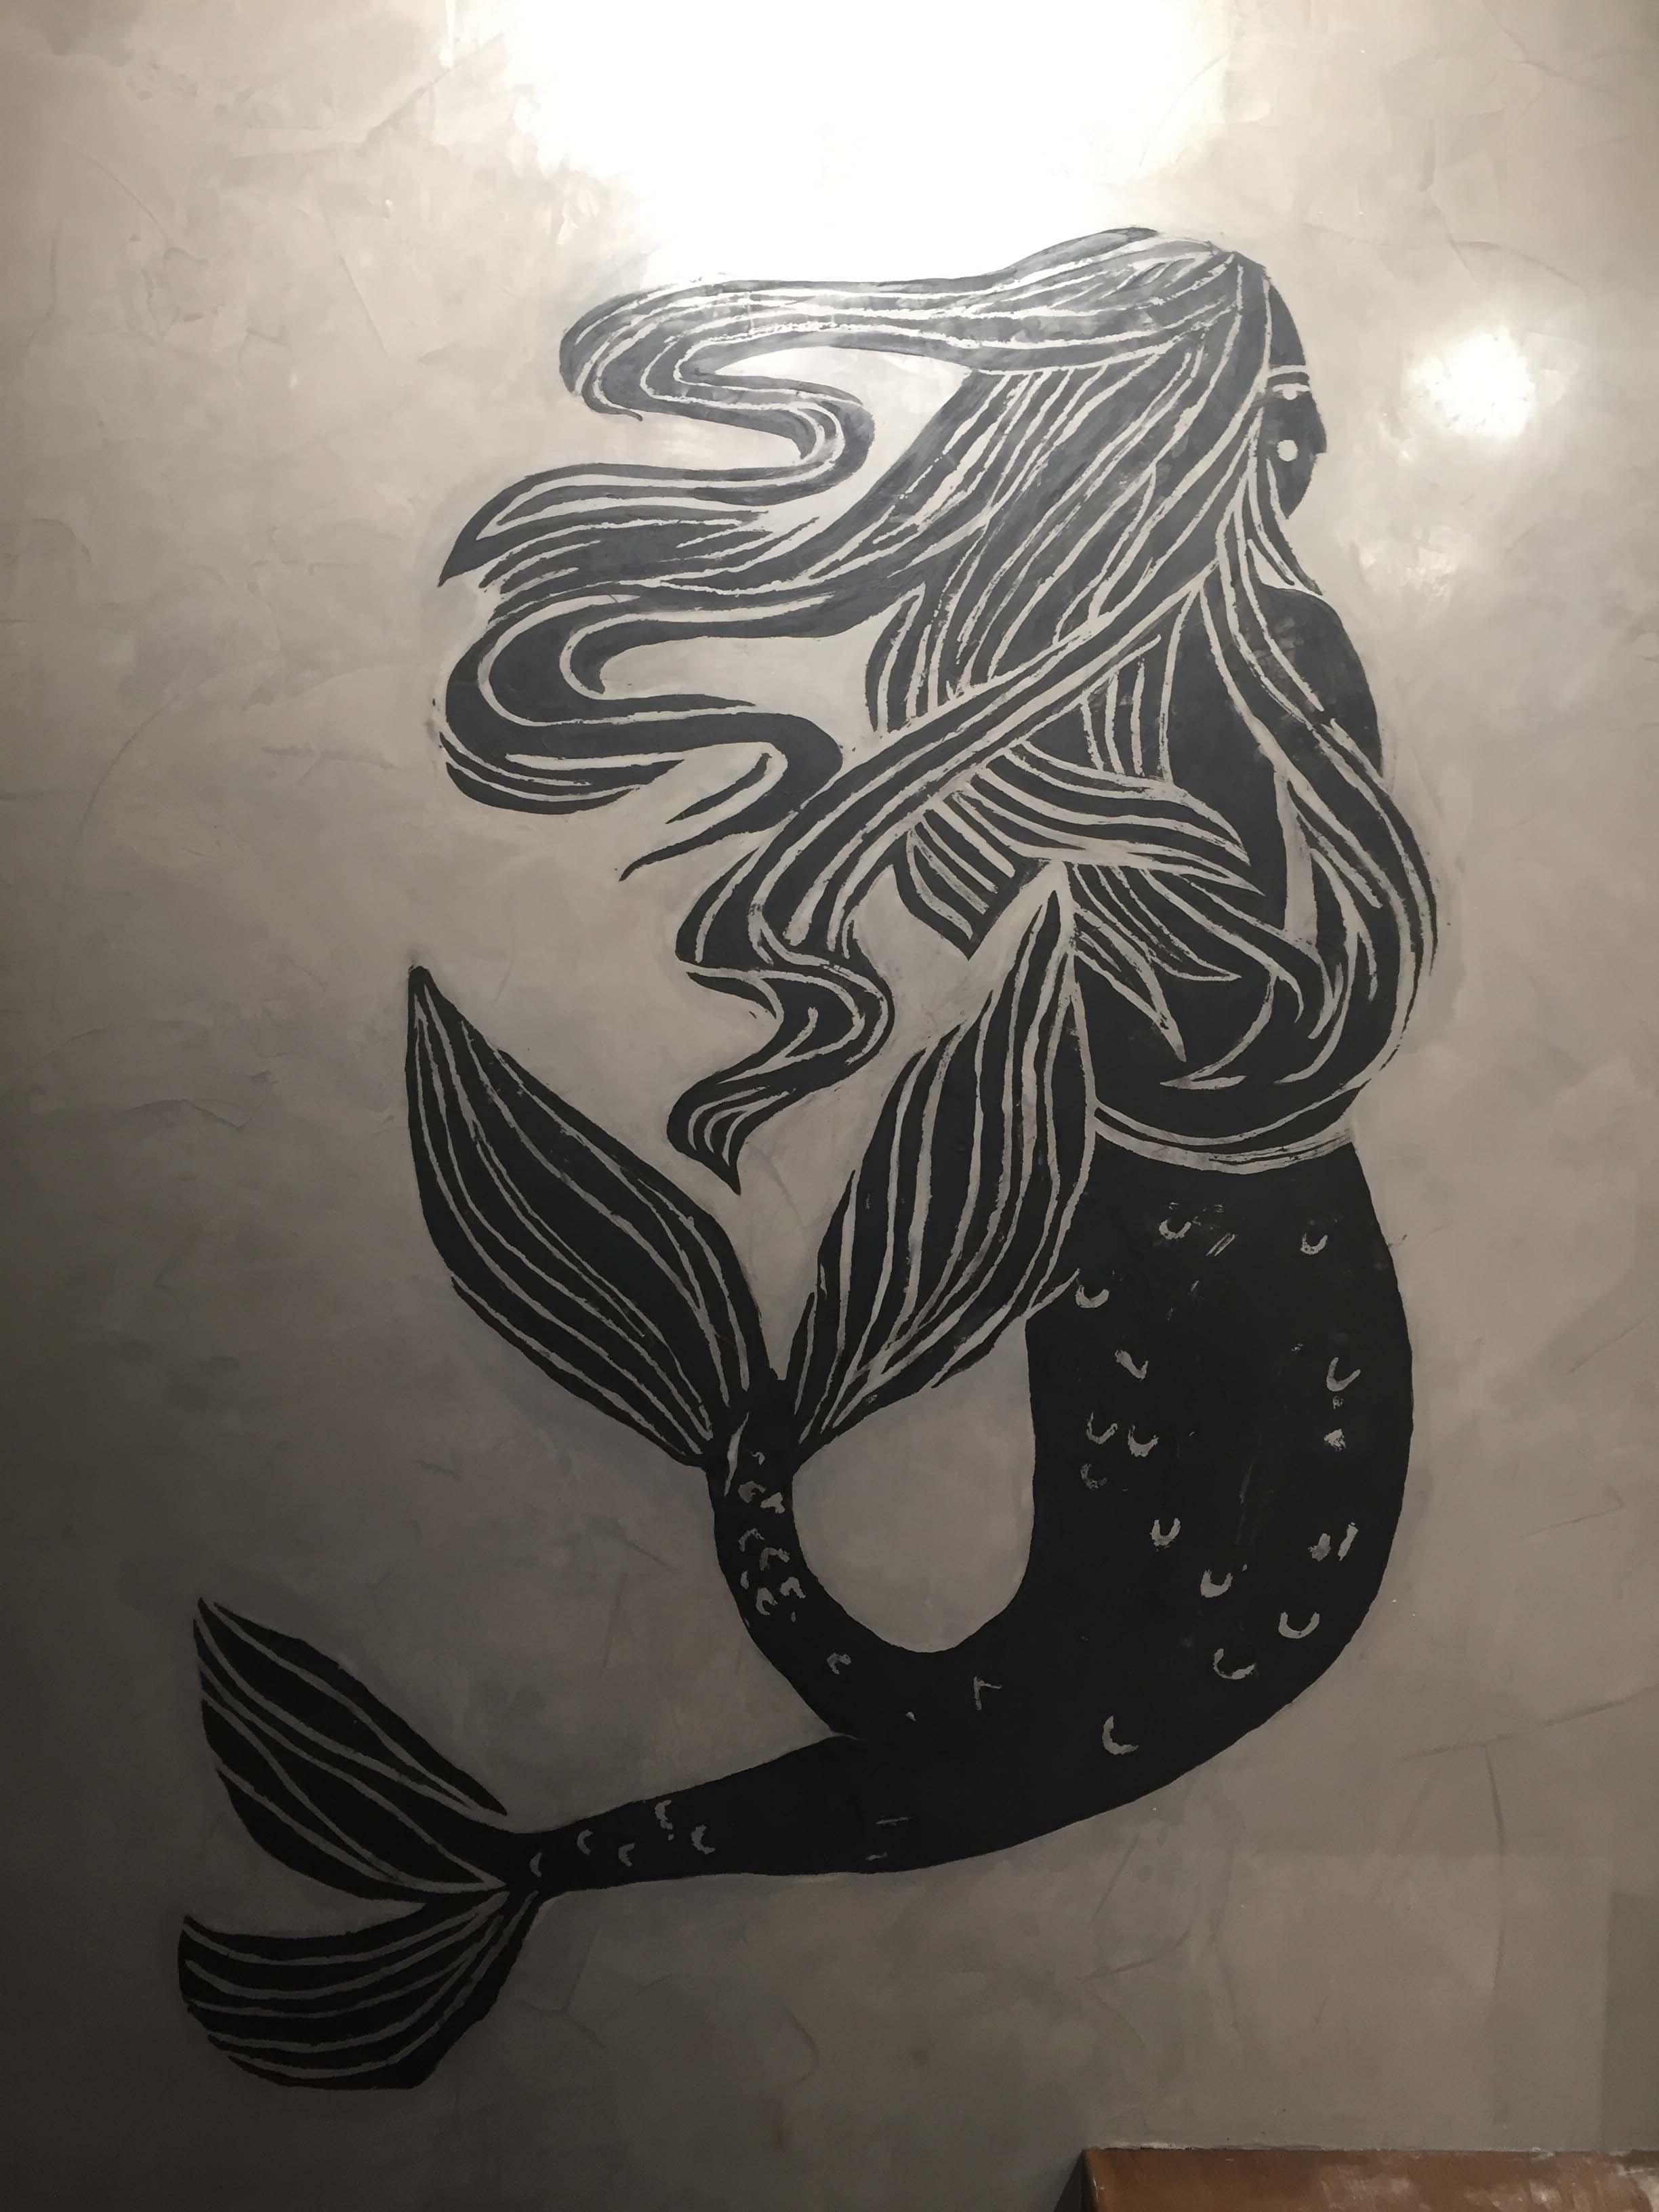 the-art-of-wall-starbucks-highpoint-mural-siren-lino-cut-2